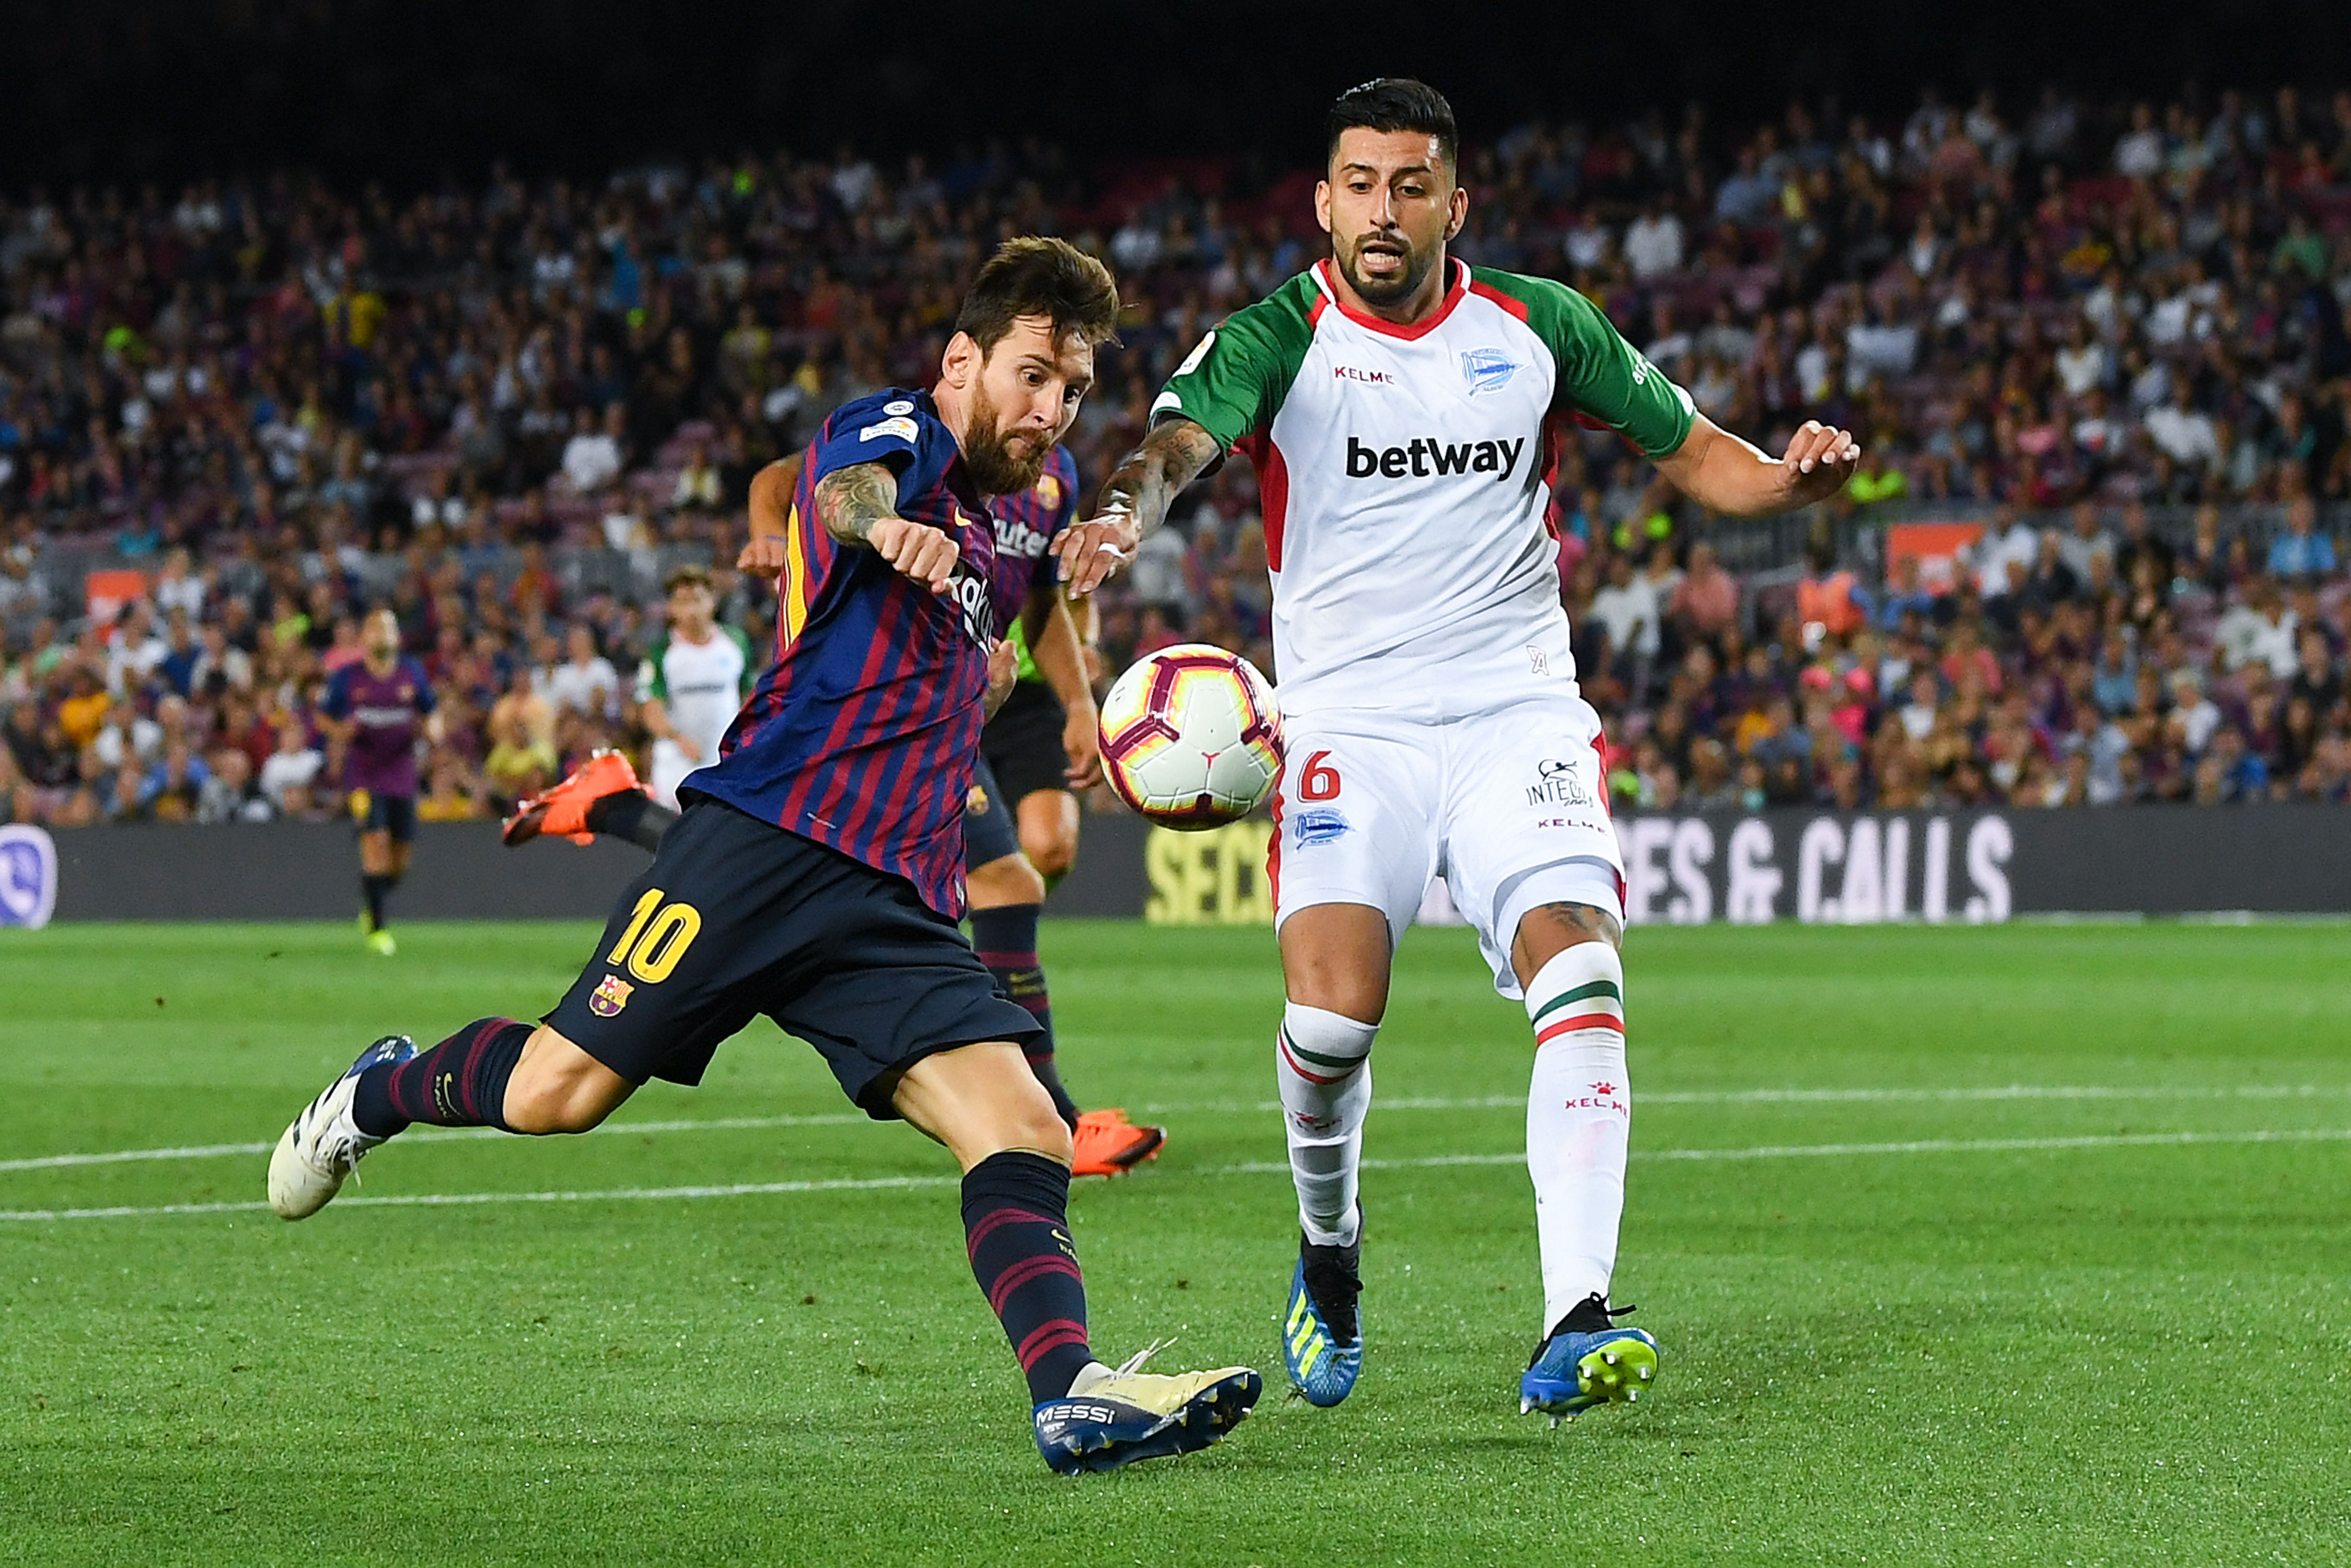 2ゴールを決めたバルセロナFWリオネル・メッシ【写真:Getty Images】